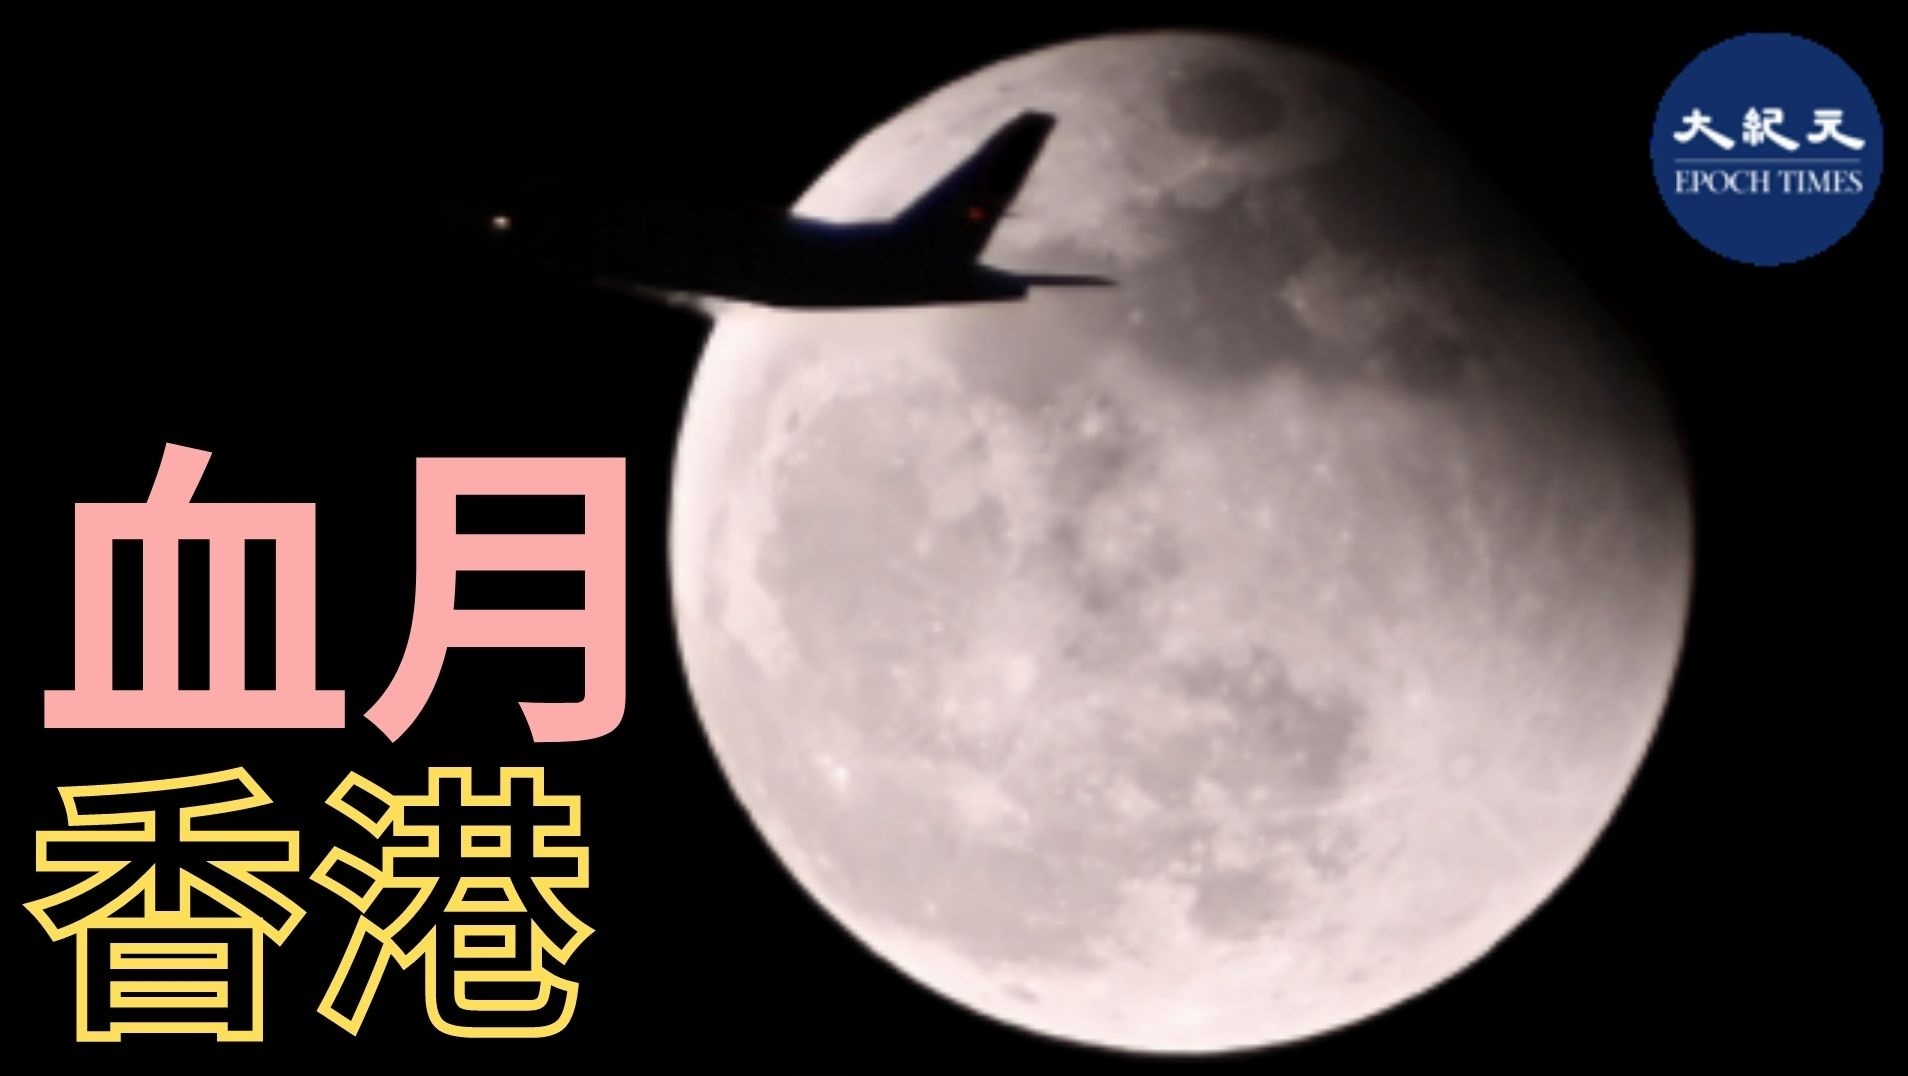 超級血月+月全食 香港大紀元捕捉客機飛過一刻(視頻)|#新紀元